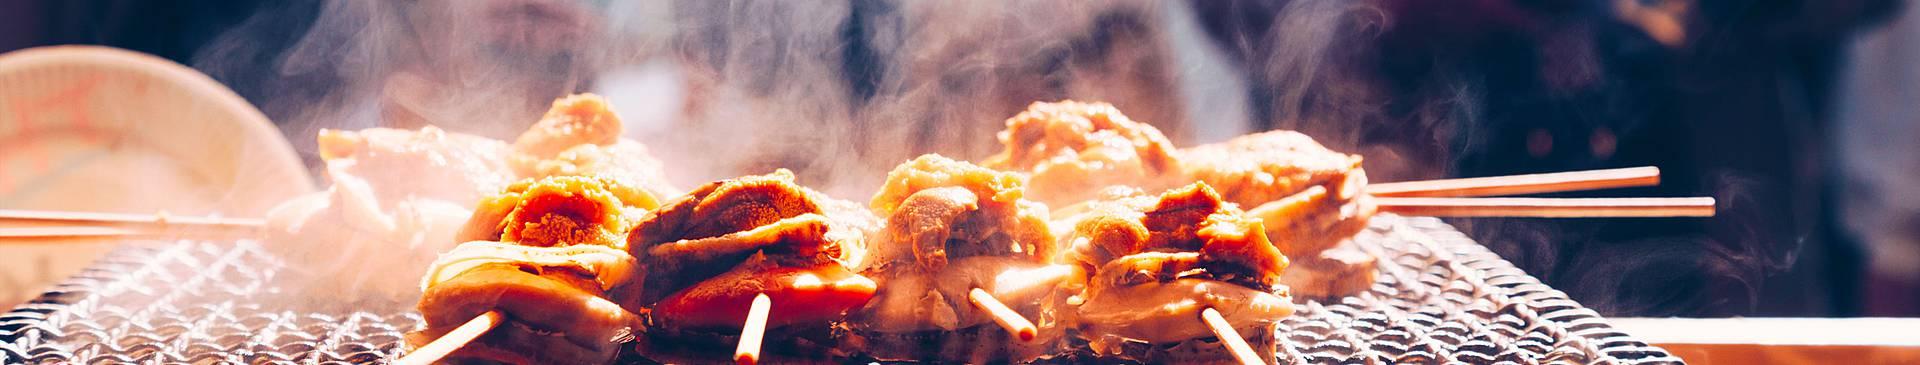 Rutas gastronómicas y enológicas por Japón